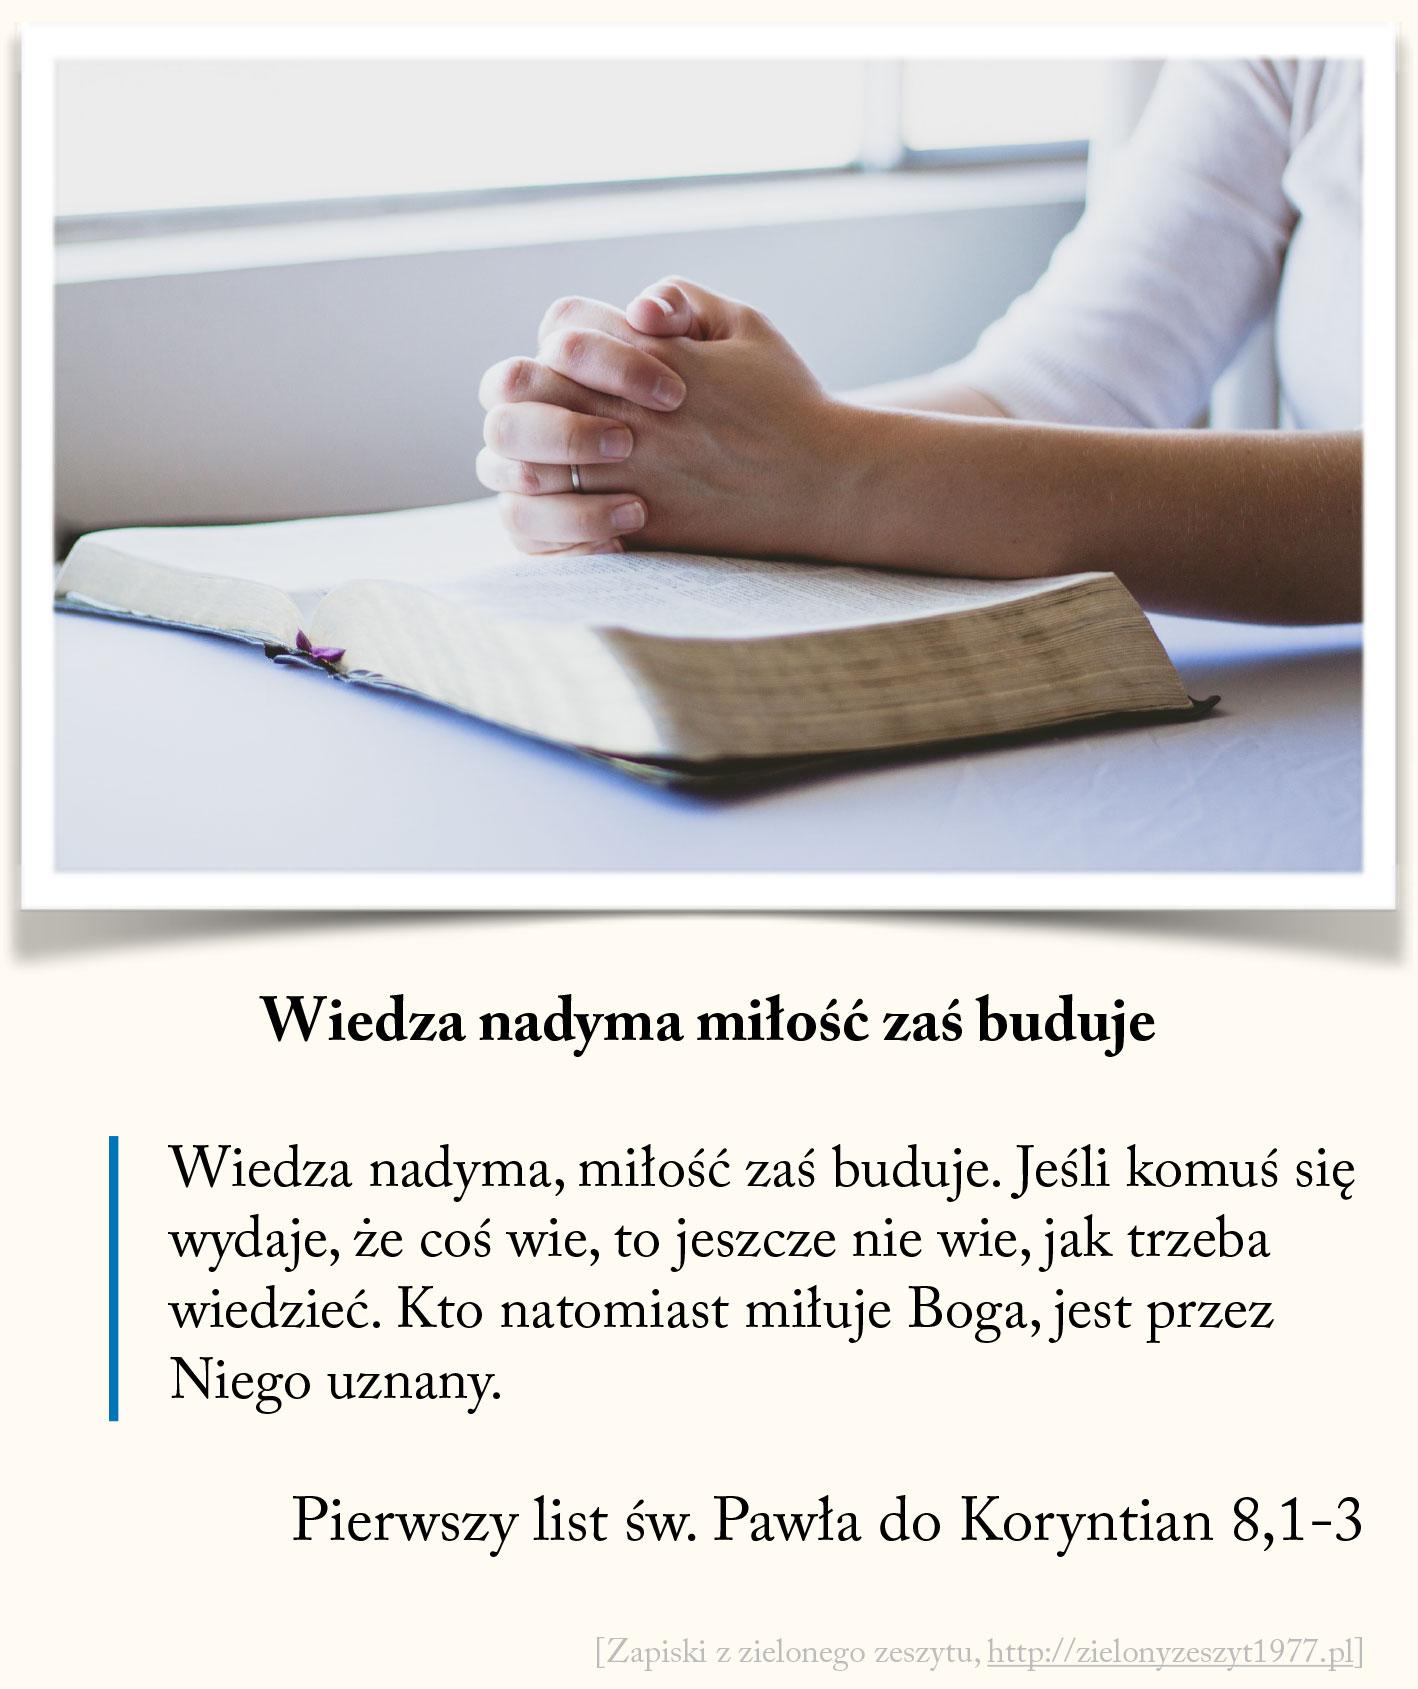 Wiedza nadyma miłość zaś buduje, Pierwszy list św. Pawła do Koryntian